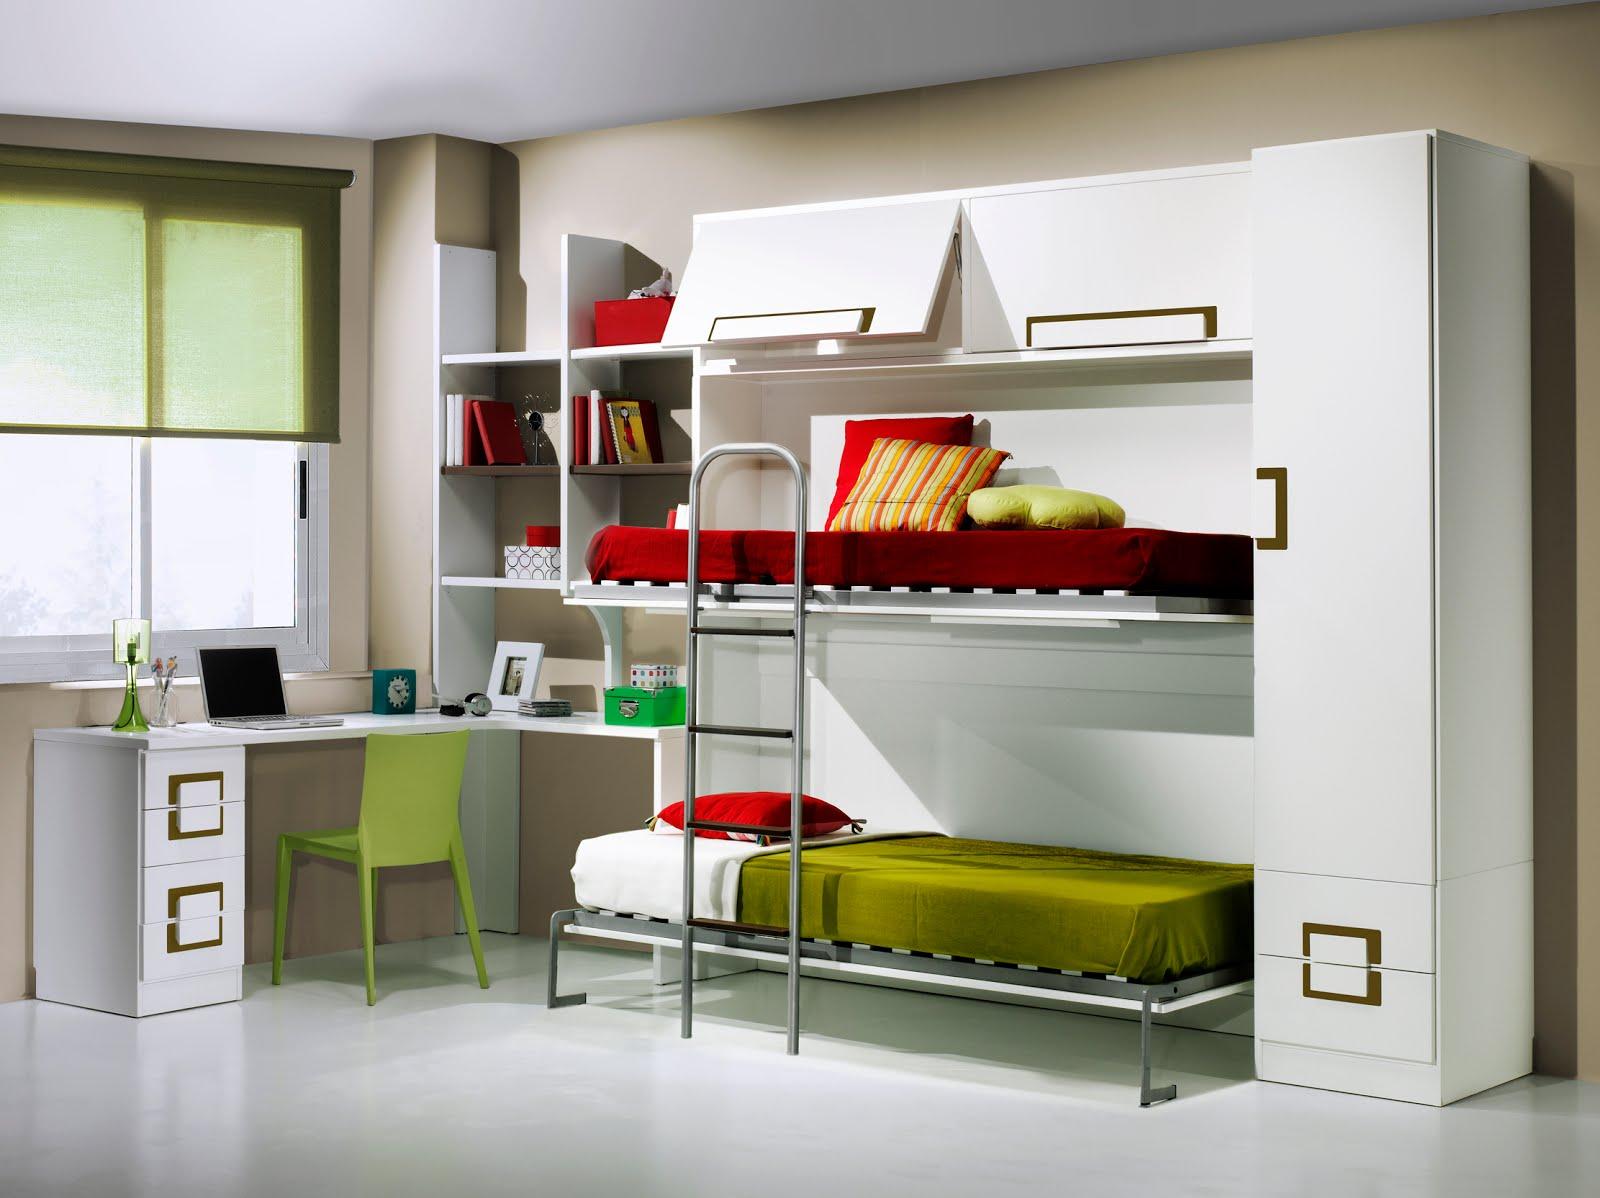 Dormitorios con camas abatibles literas abatibles for Dormitorios con literas